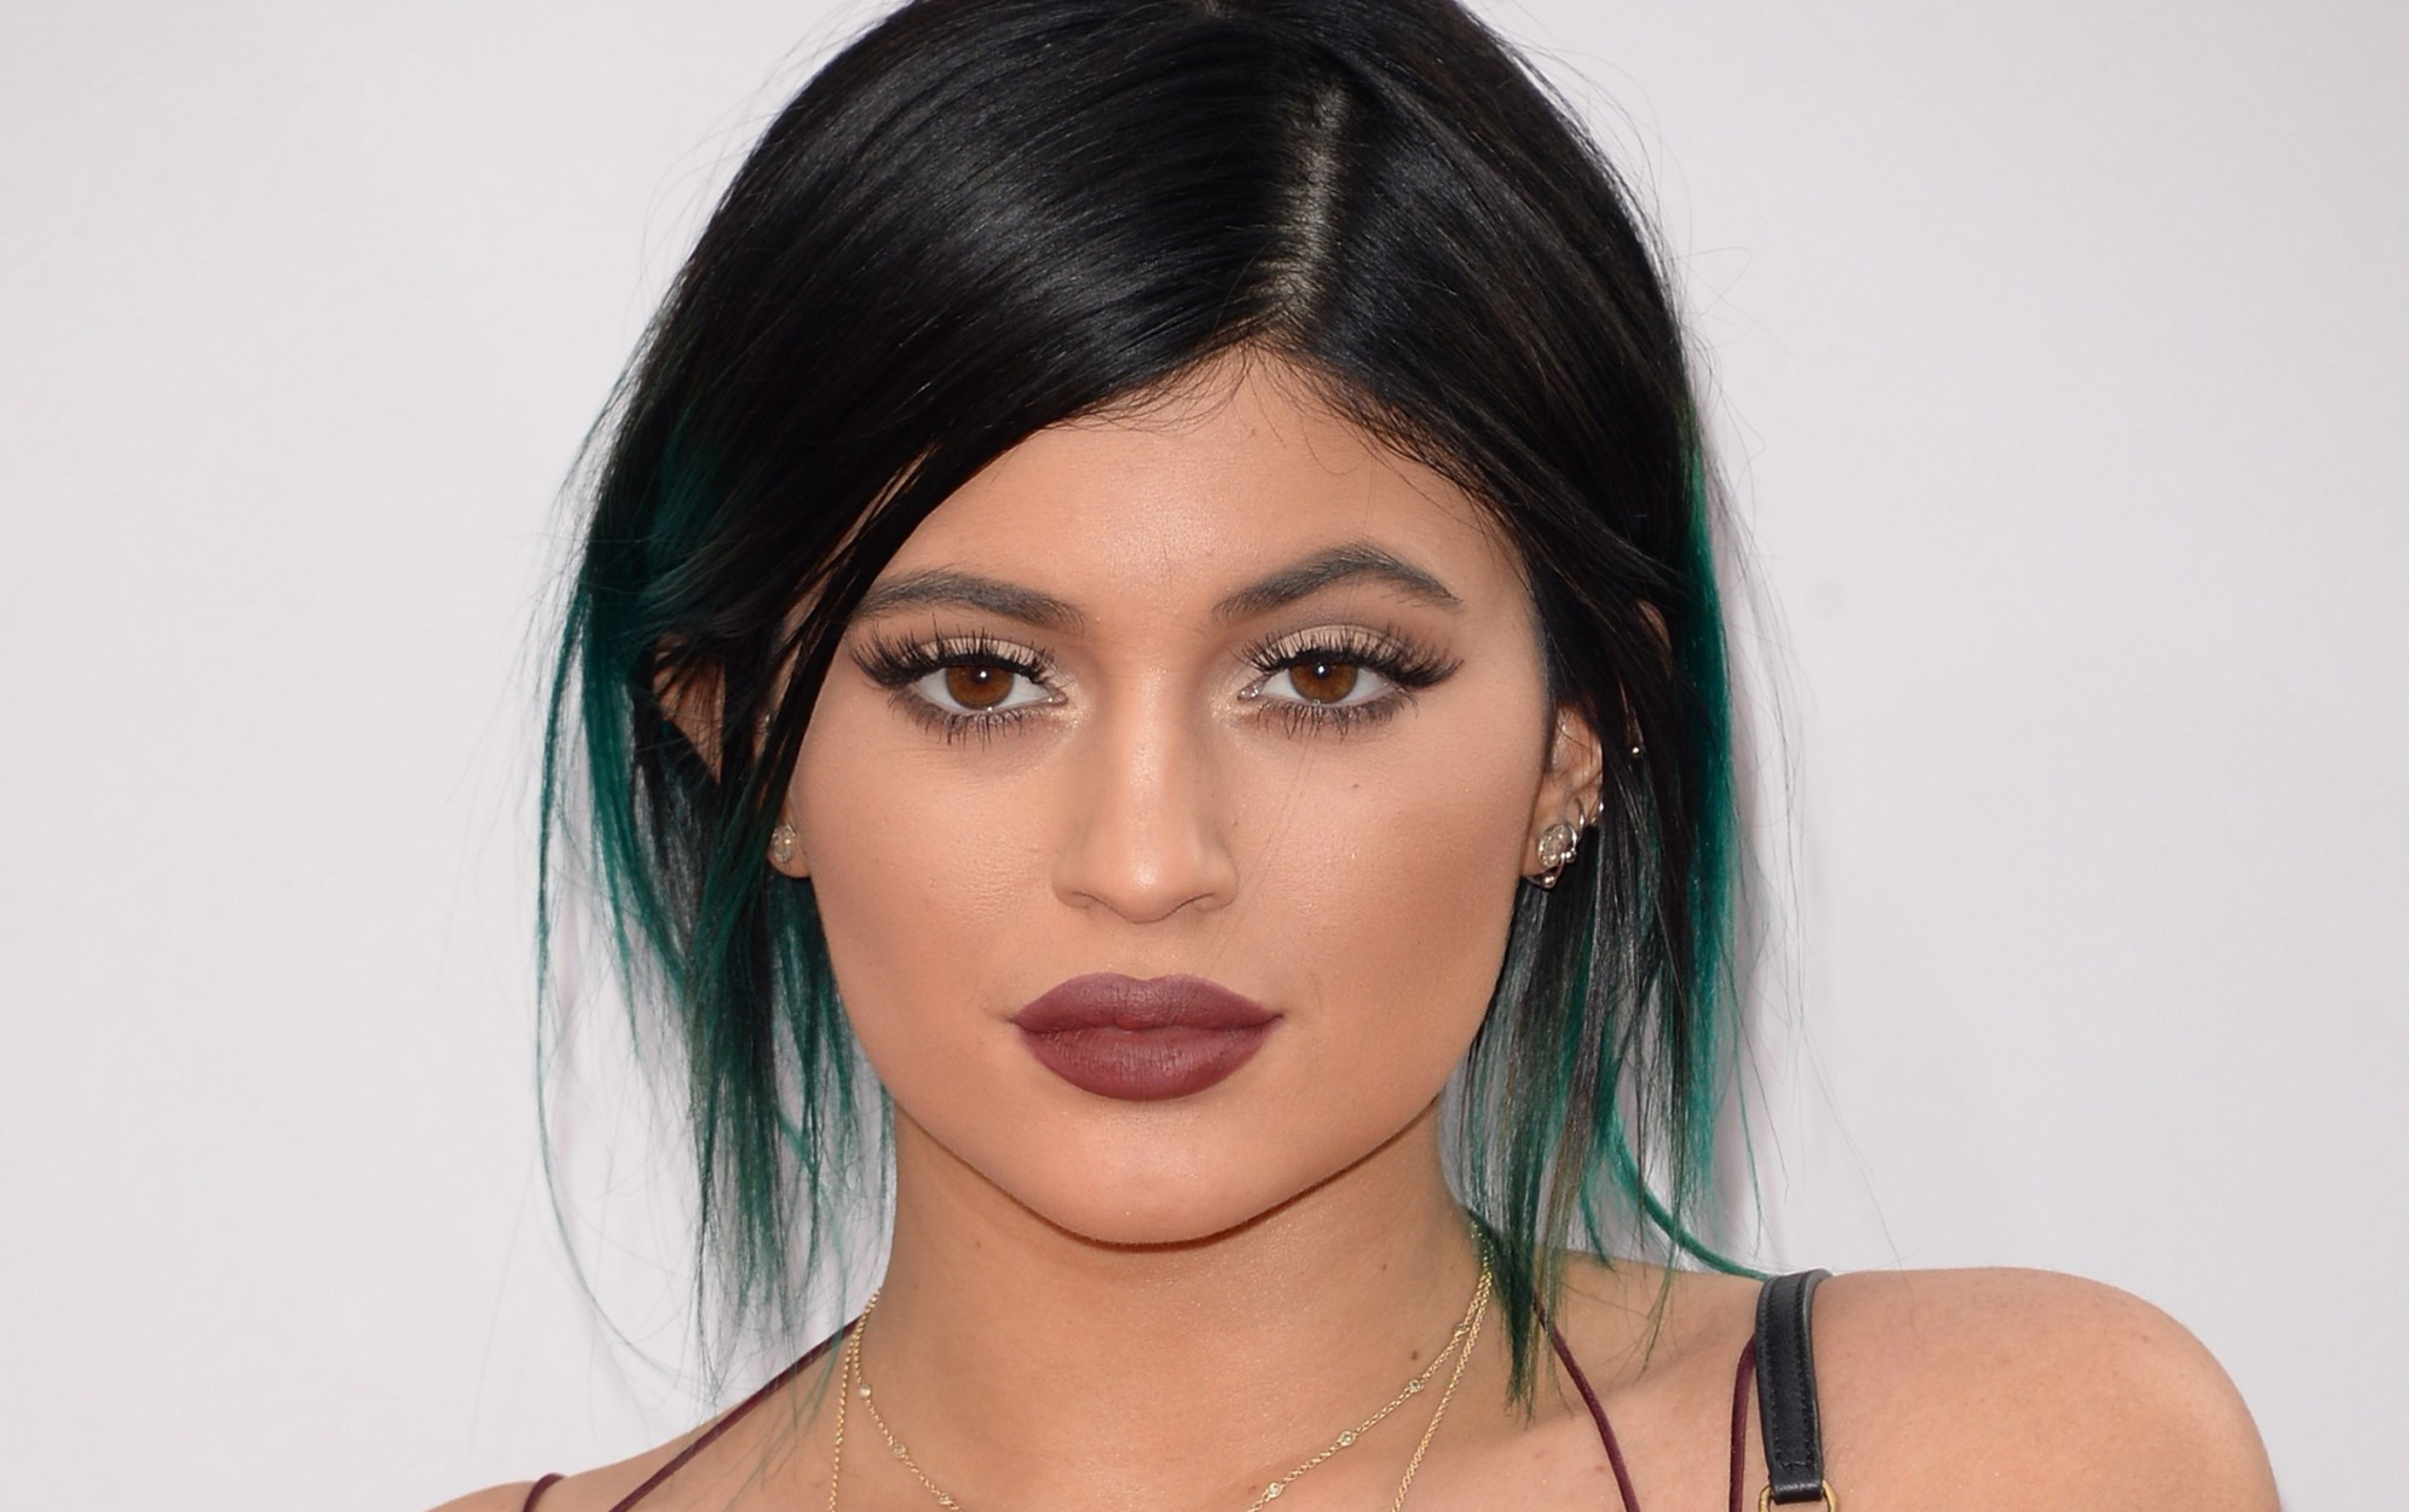 Sexy ve güzel model Kylie Jenner'in en güzel hd resimlerinin yer aldığı foto galerisini görüntülemek için buraya tıklayın.